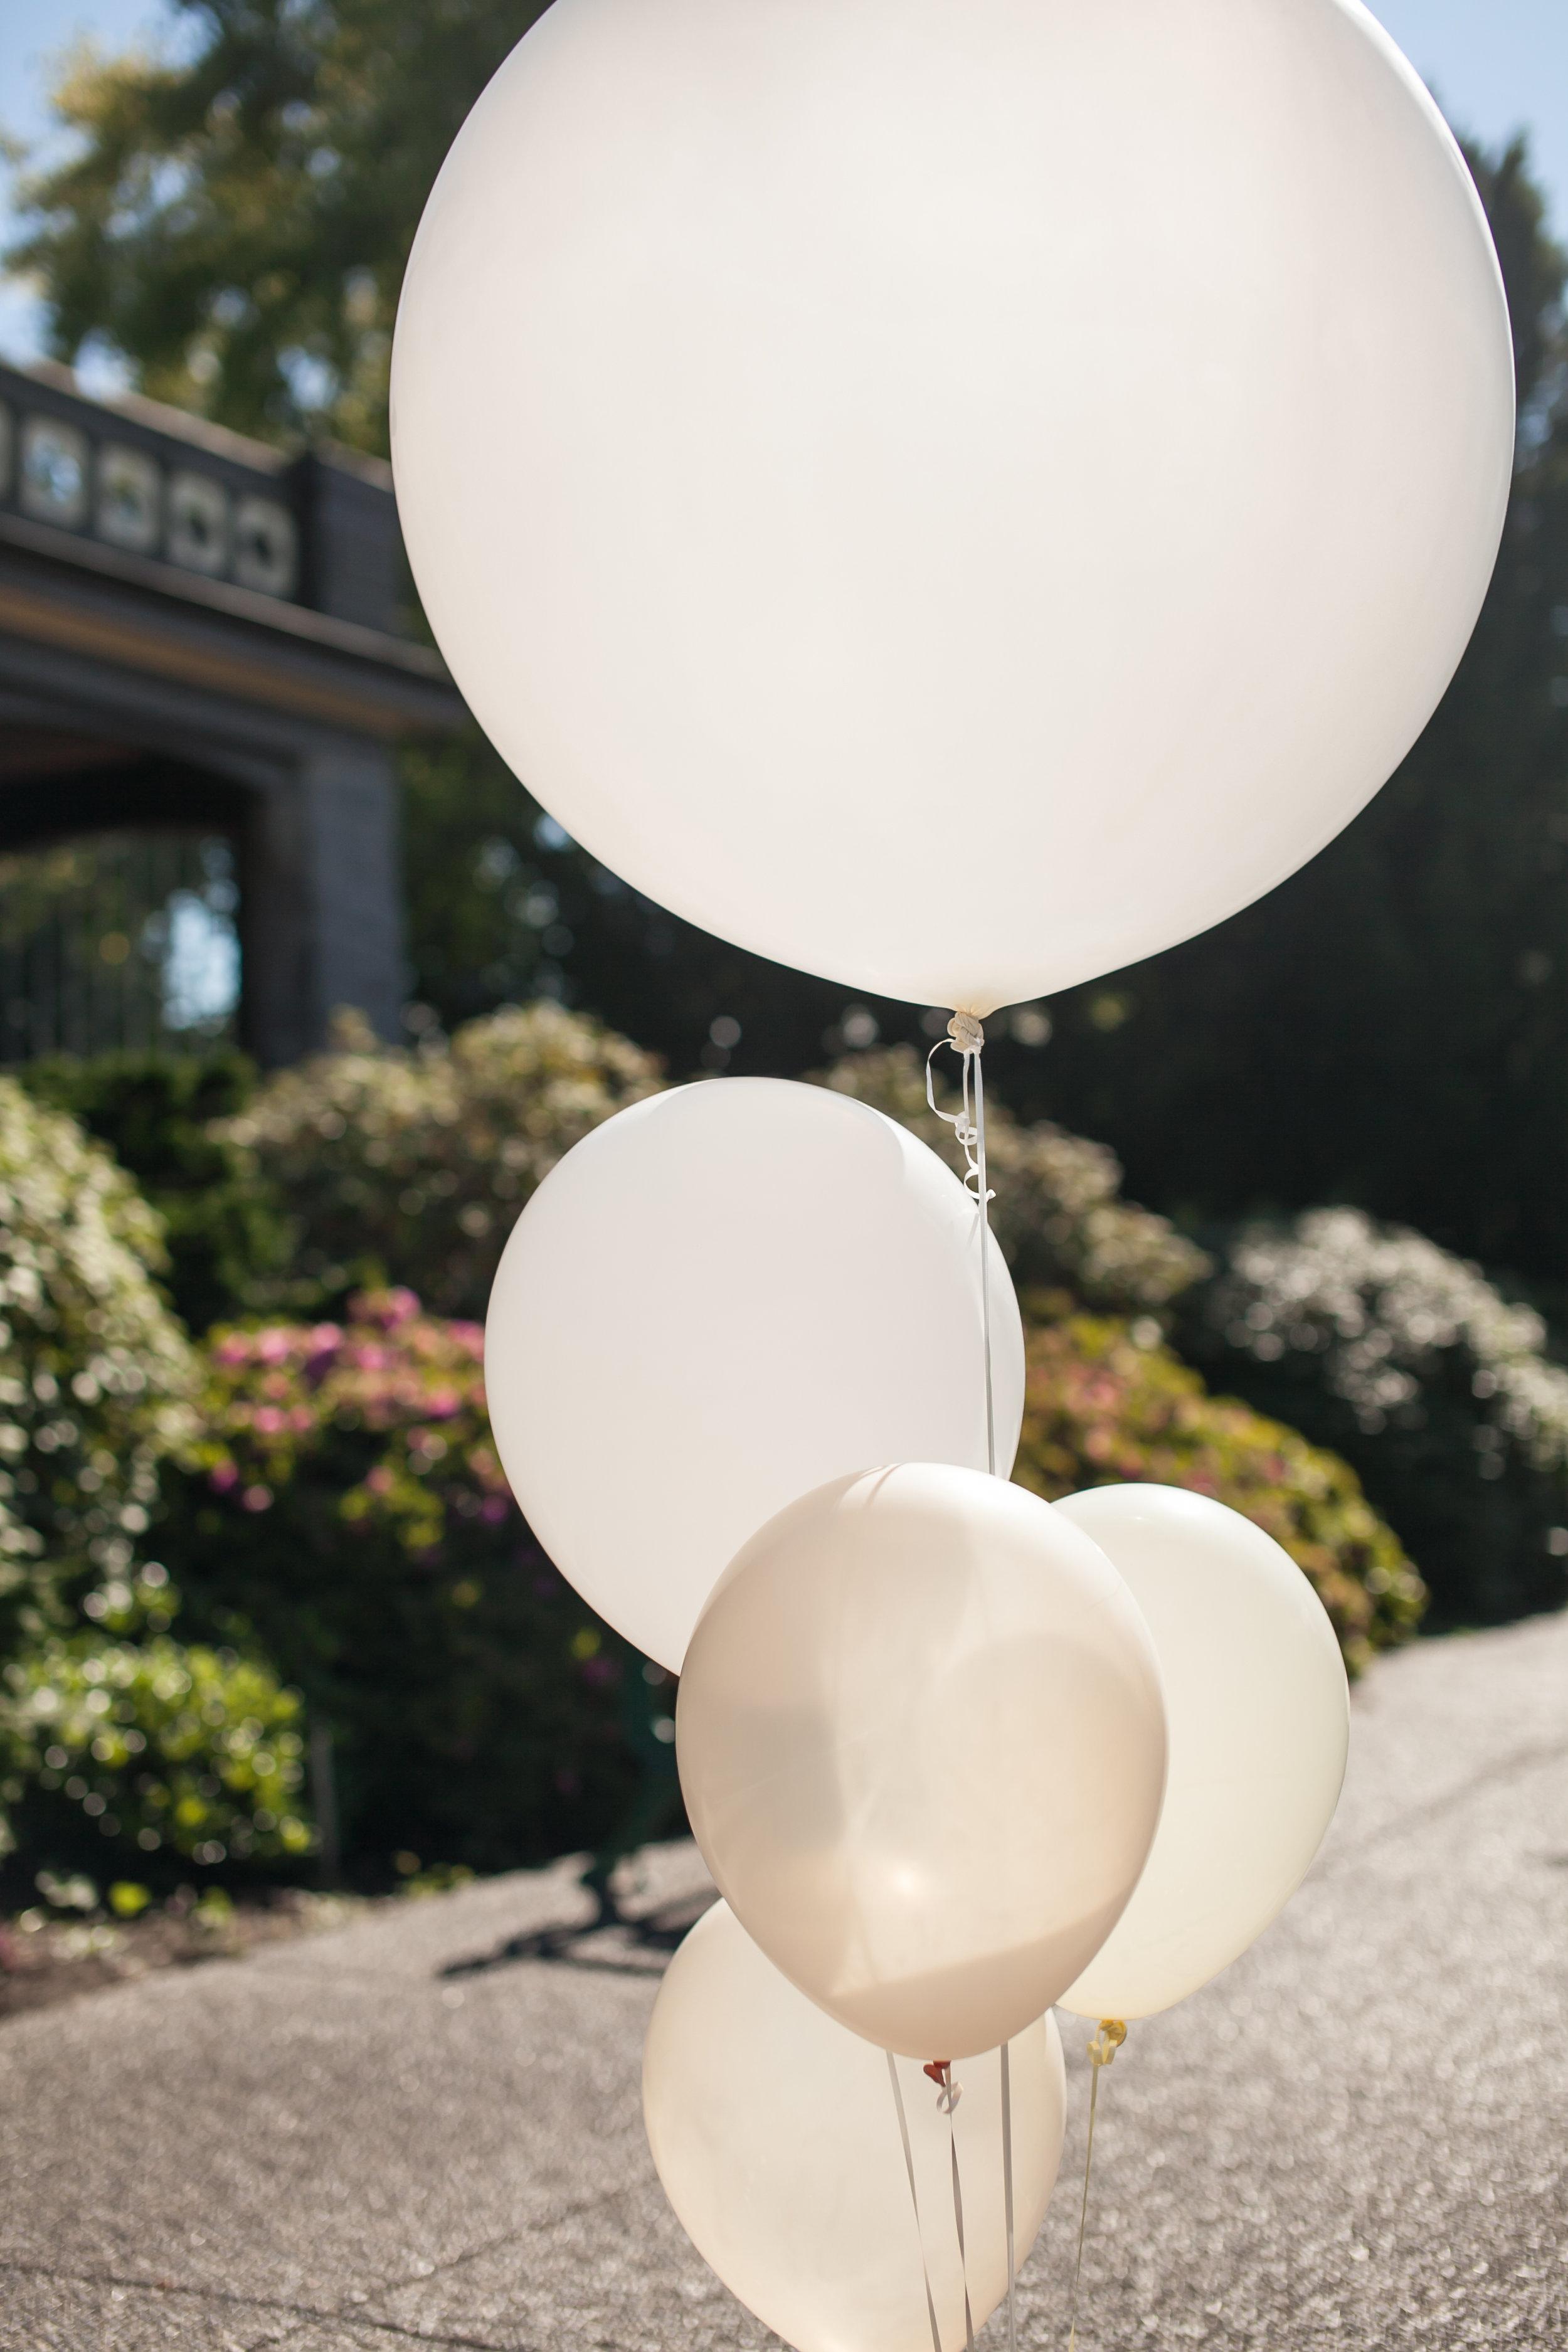 Vancouver Wedding Ballon